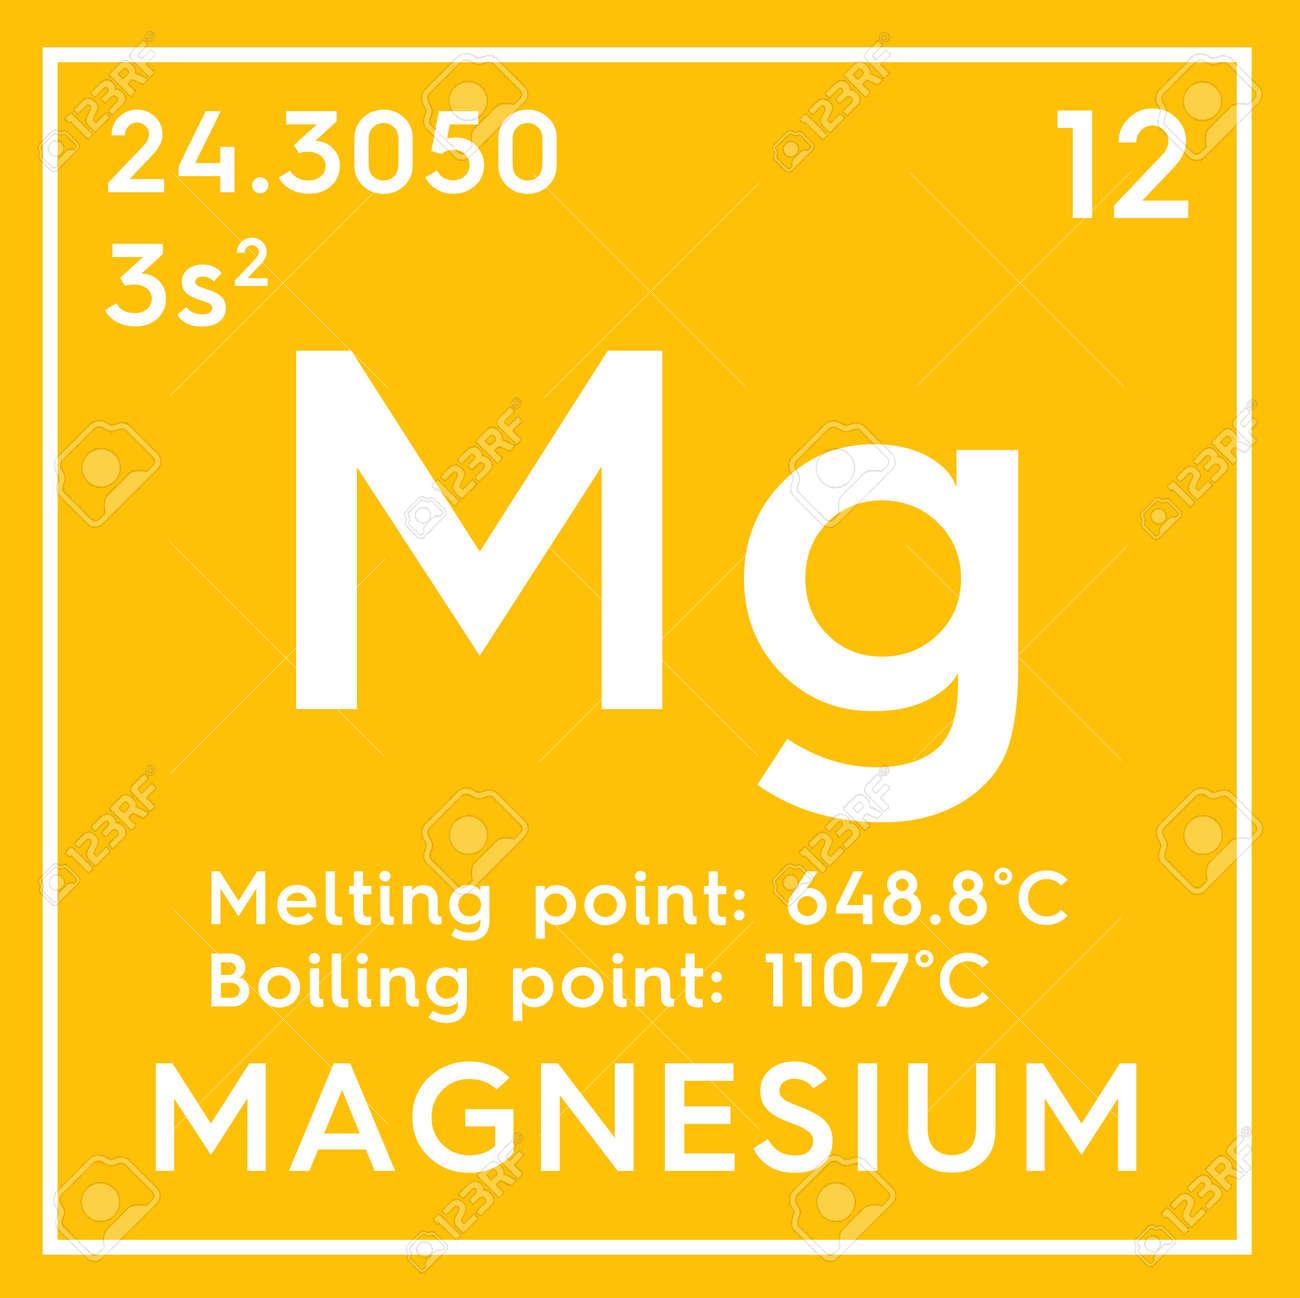 Magnesio metales alcalinotrreos elemento qumico de la tabla foto de archivo magnesio metales alcalinotrreos elemento qumico de la tabla peridica de mendeleev en el concepto creativo cubo cuadrado urtaz Choice Image